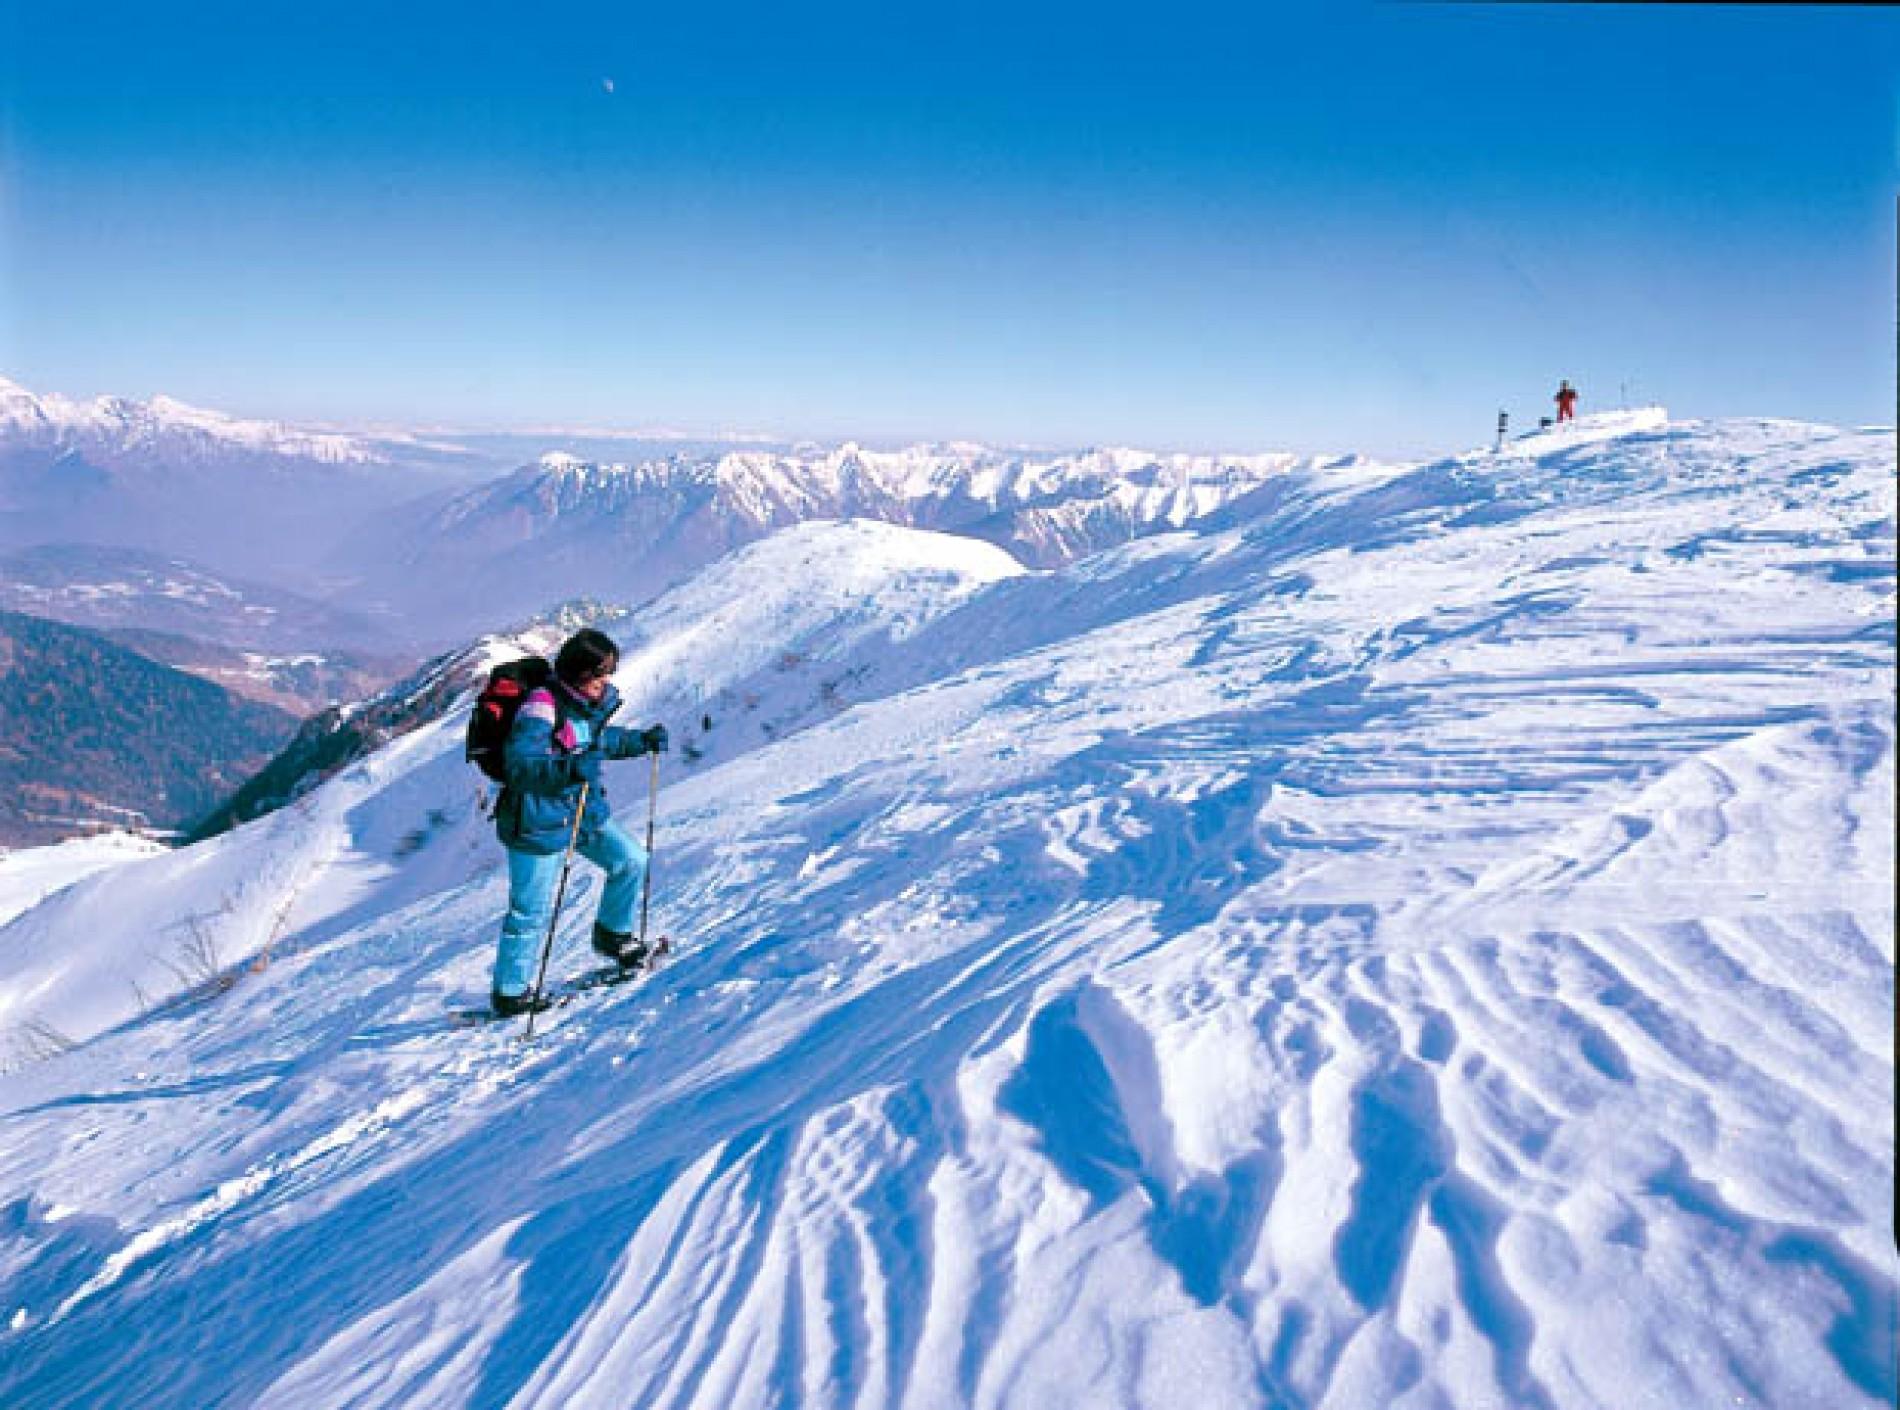 Sulla neve fresca lungo percorsi controllati e sicuri